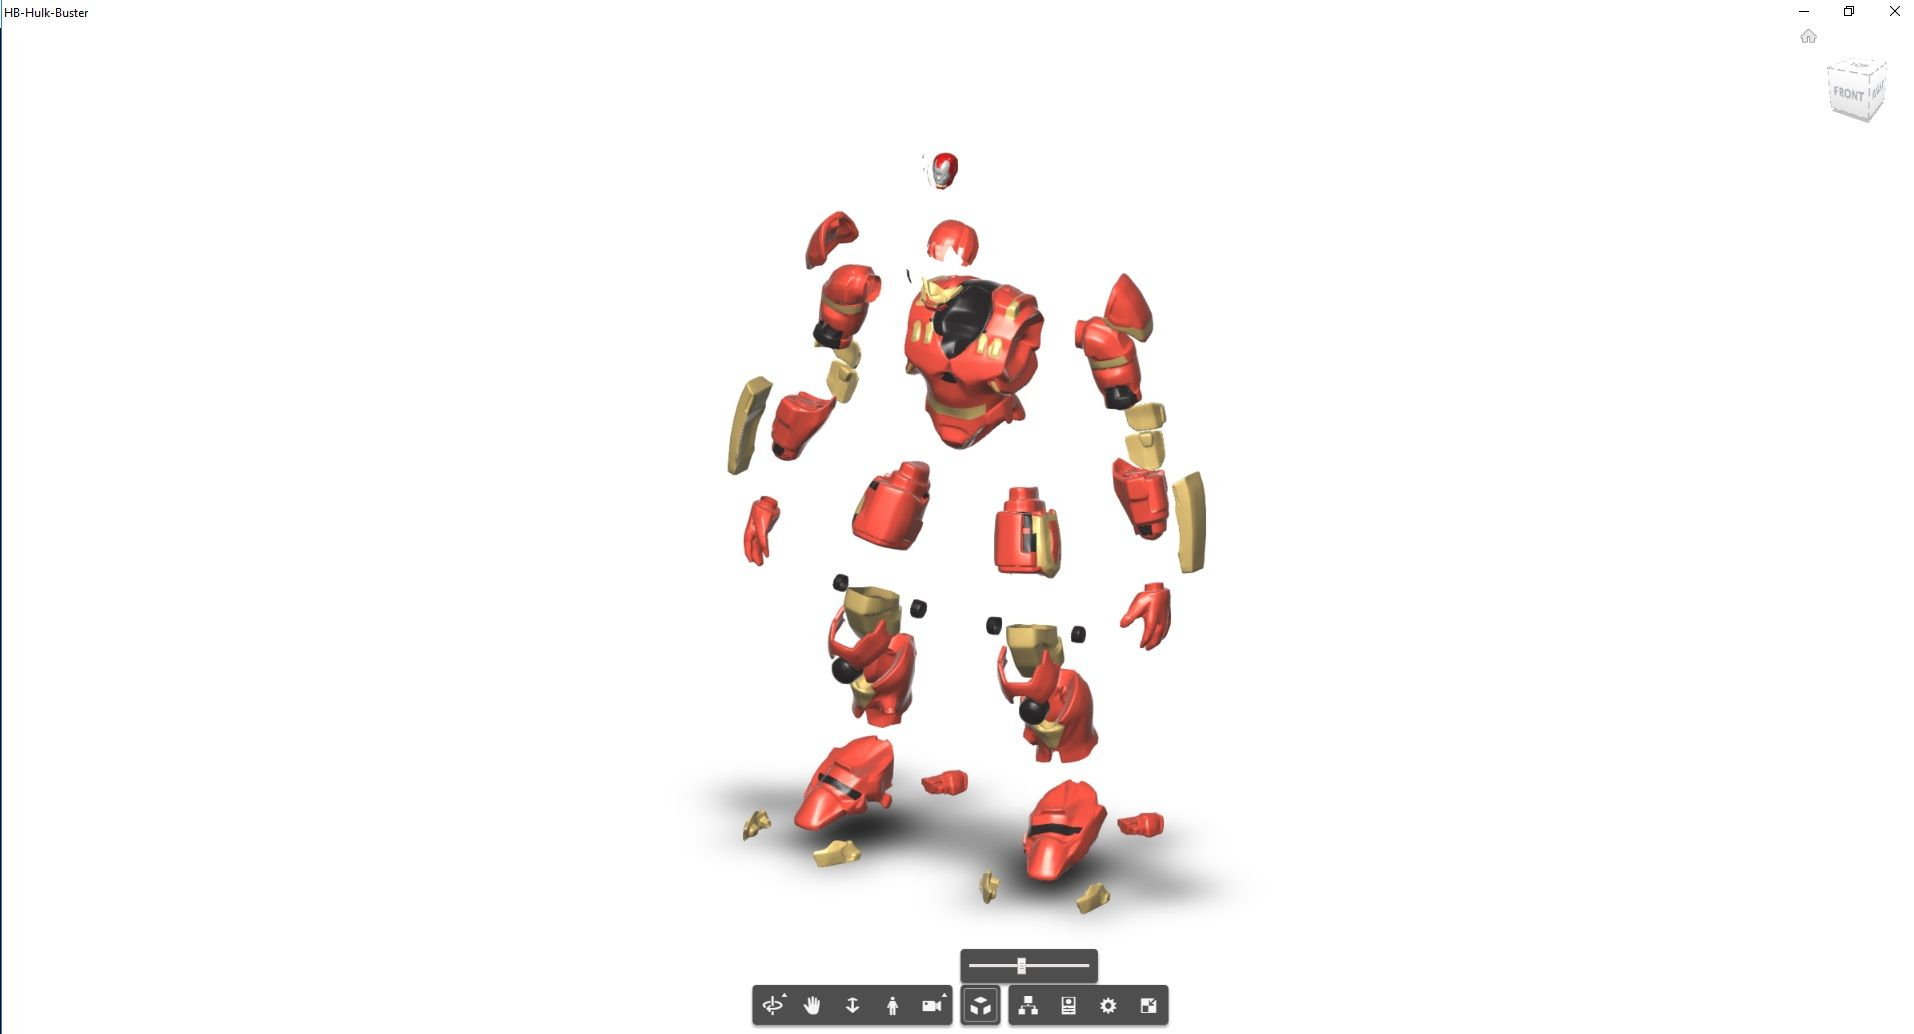 Hulk-5-3500-3500